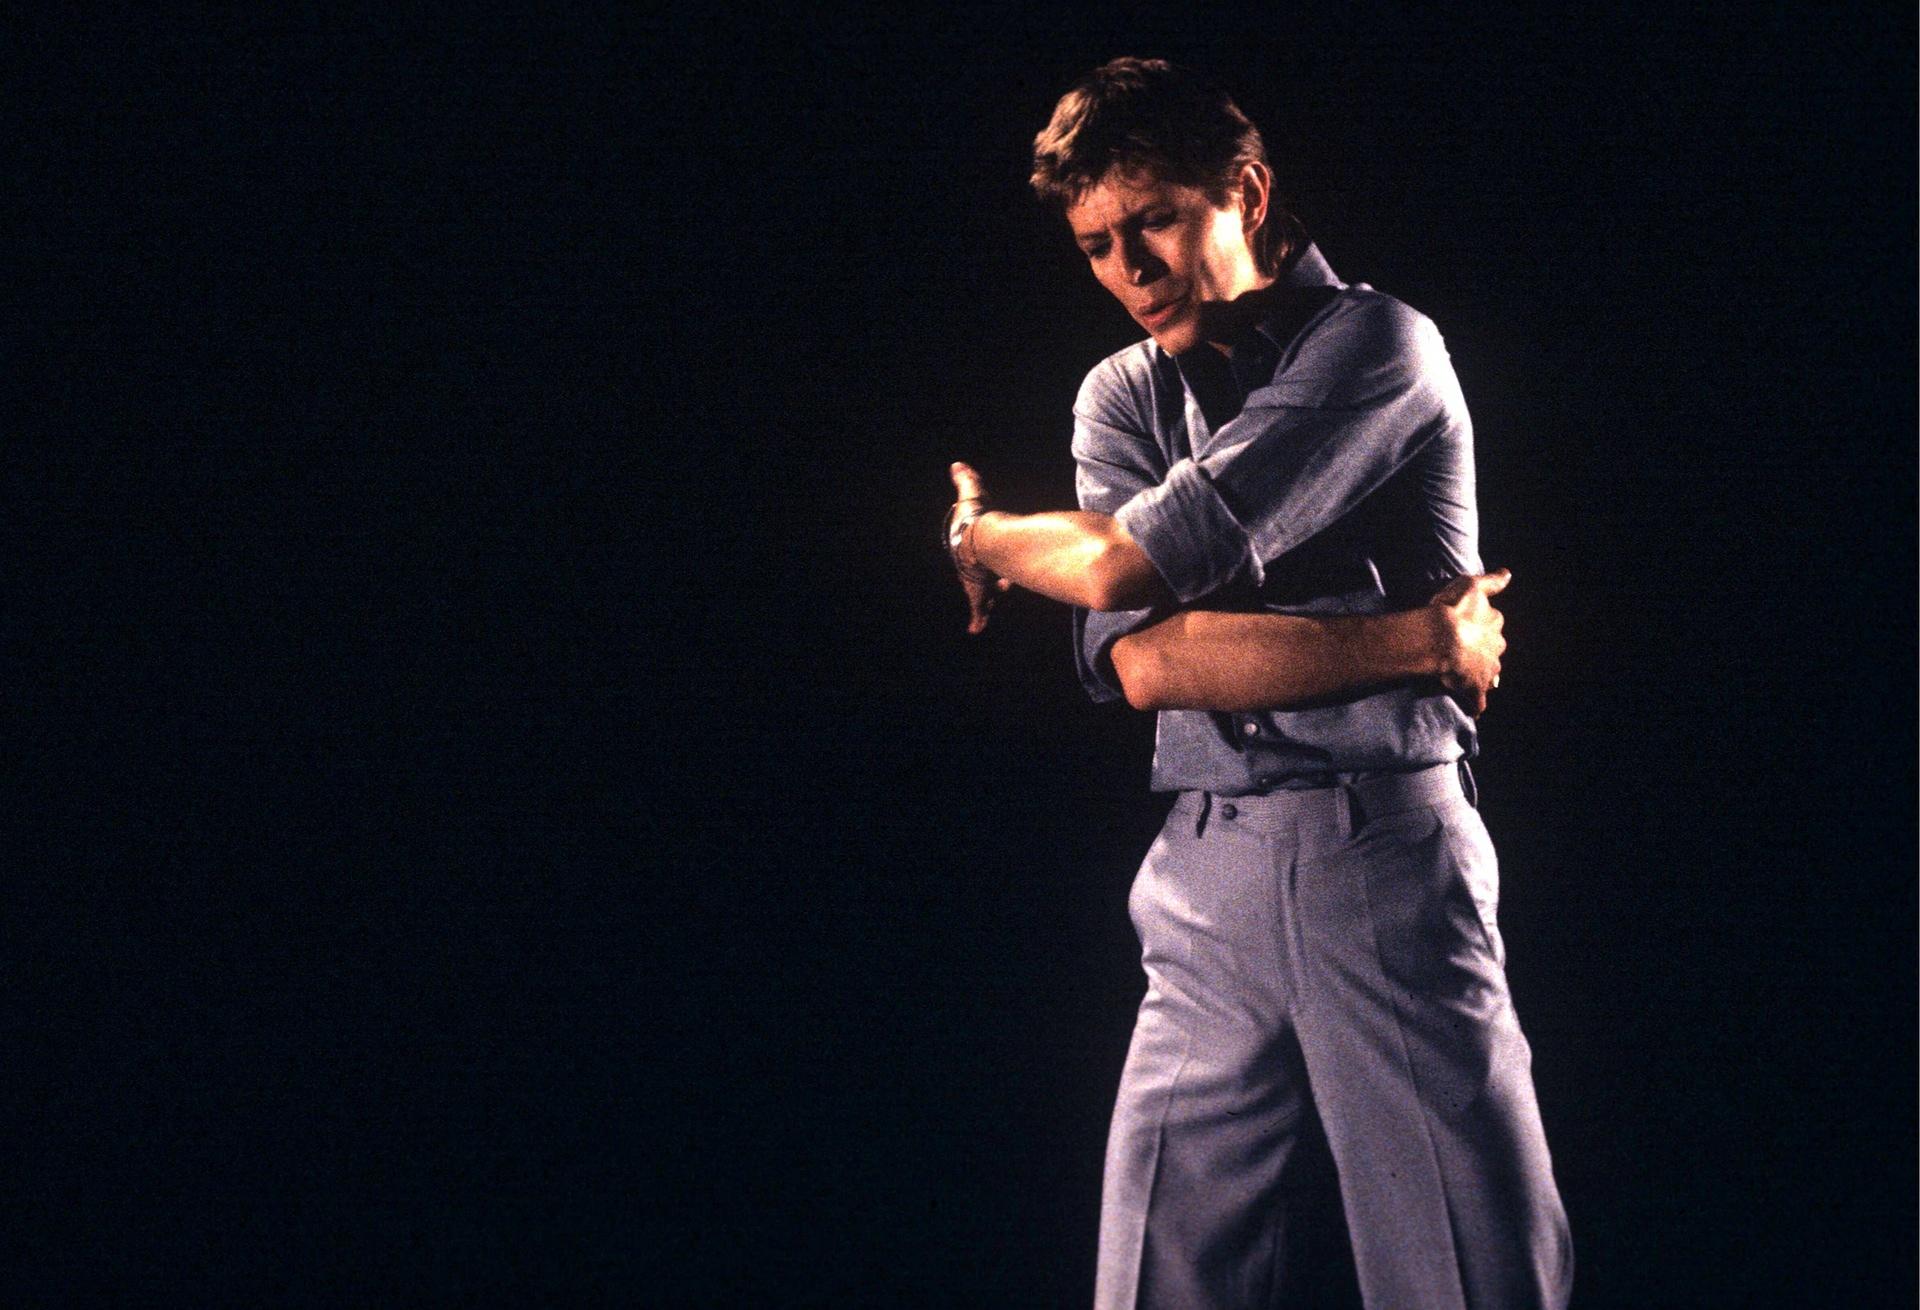 Дейвид Бауи по телевизията през 1977 г. Снимка: ITV / REX / Shutterstock